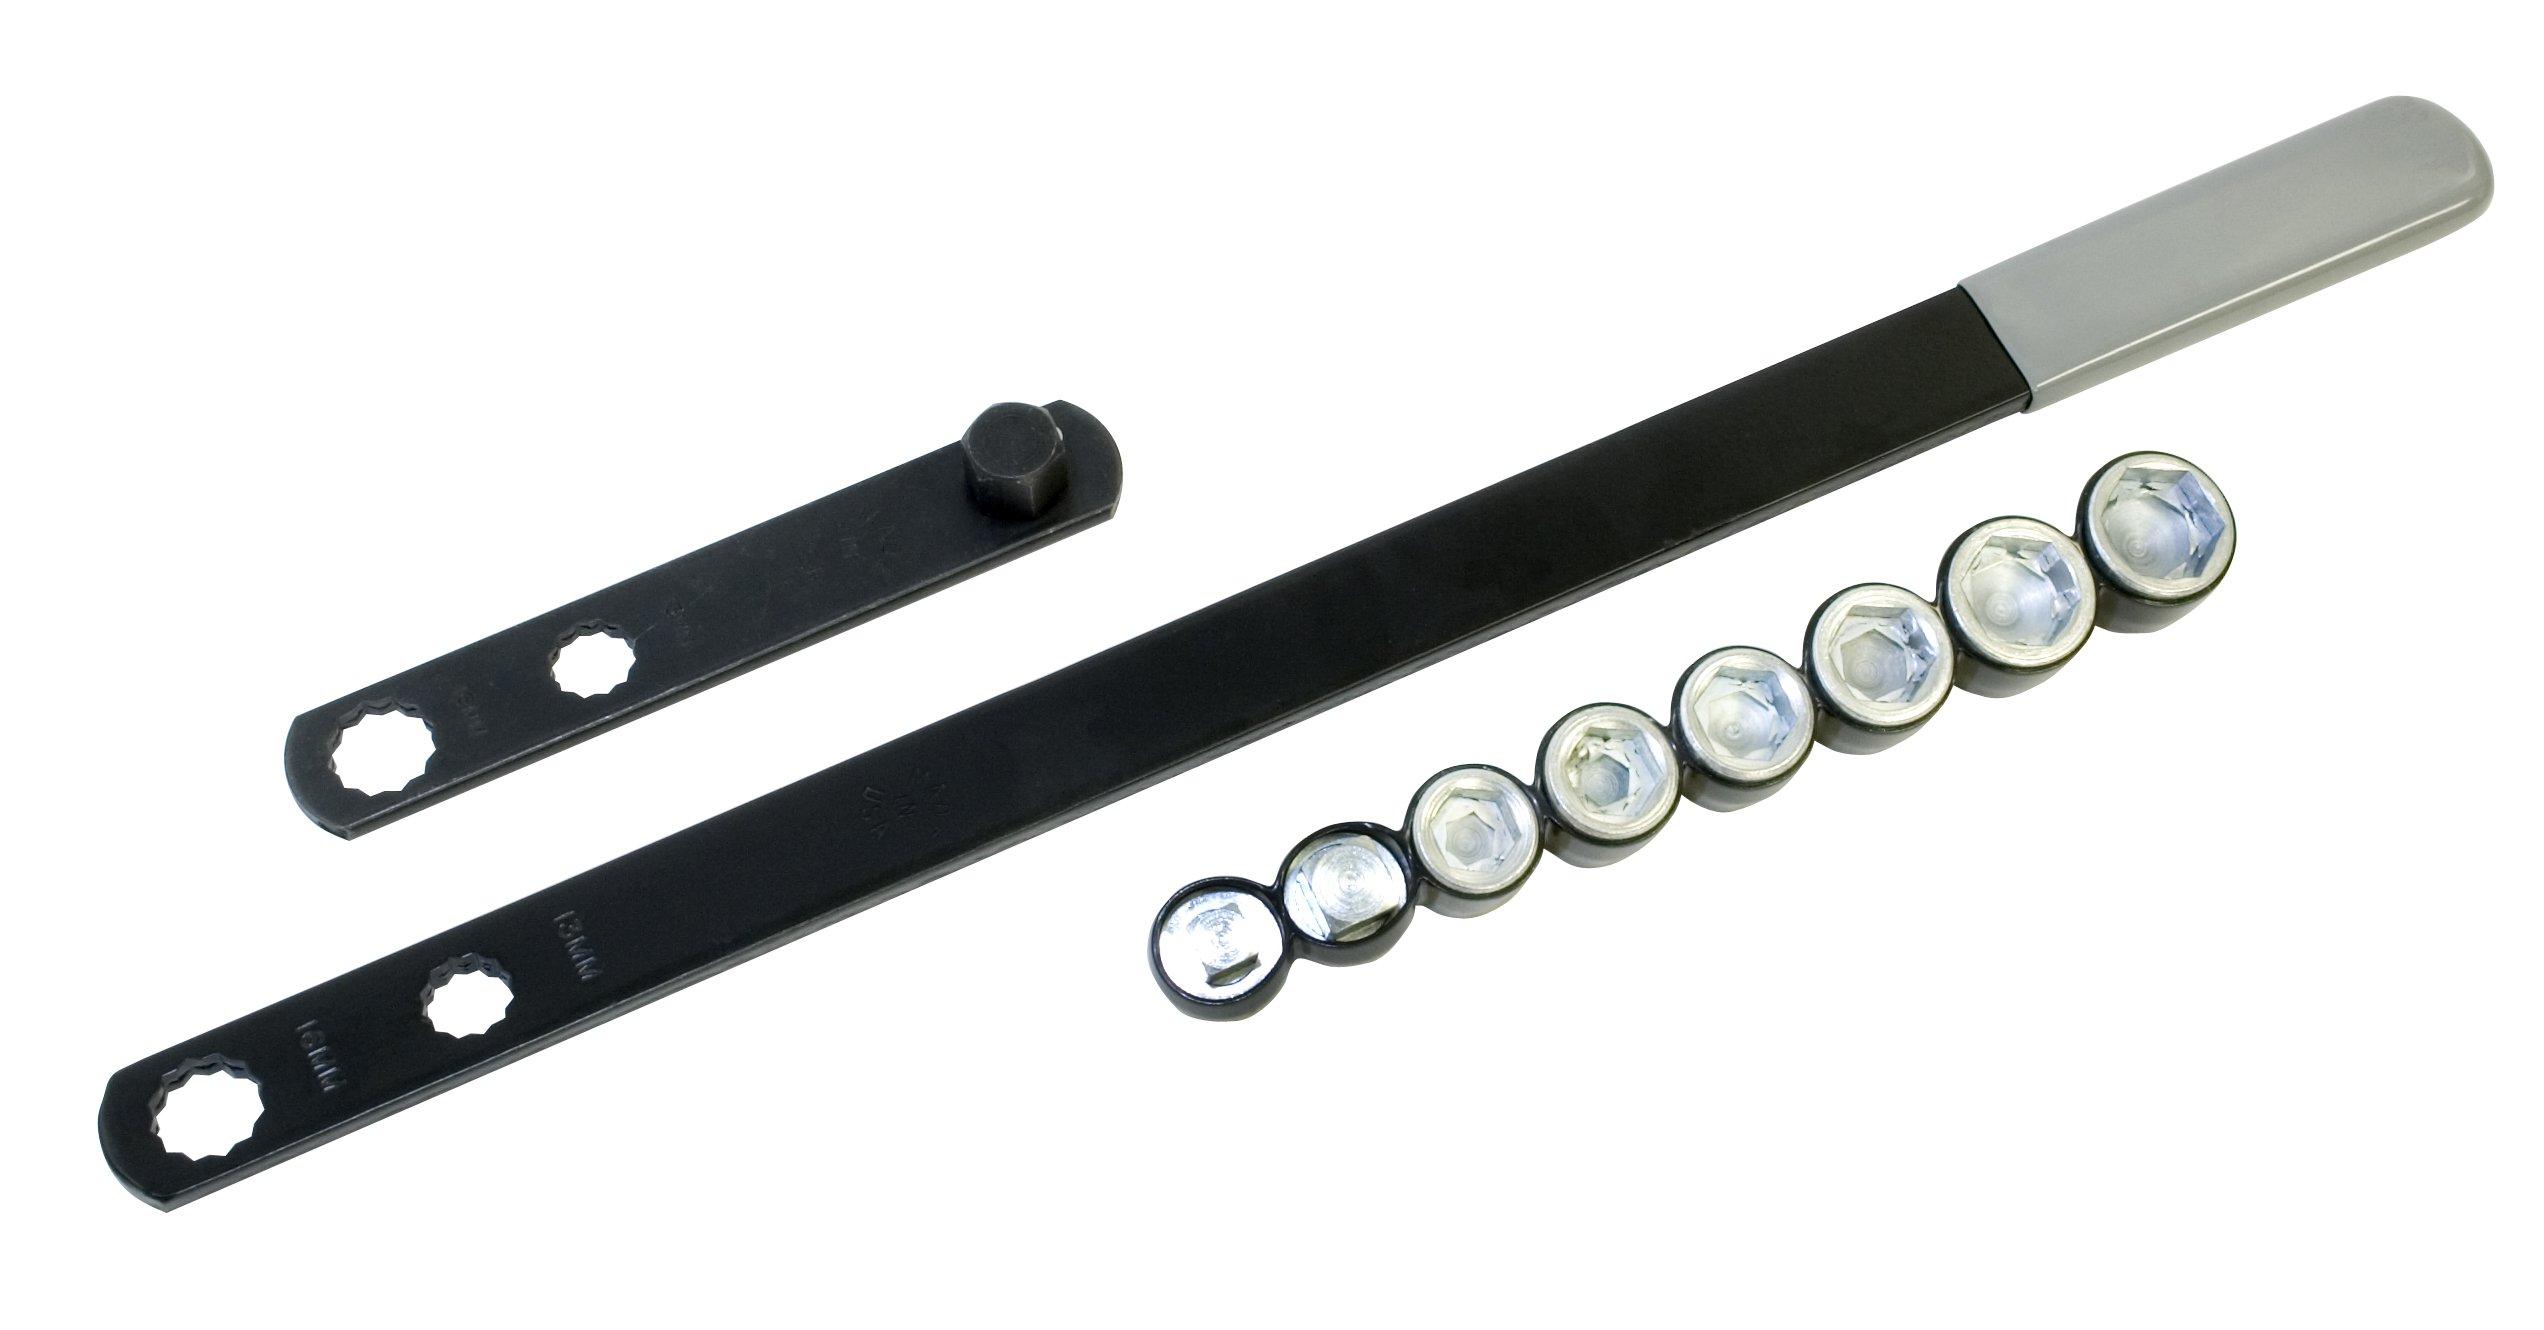 Lisle 59800 Serpentine Belt Tool